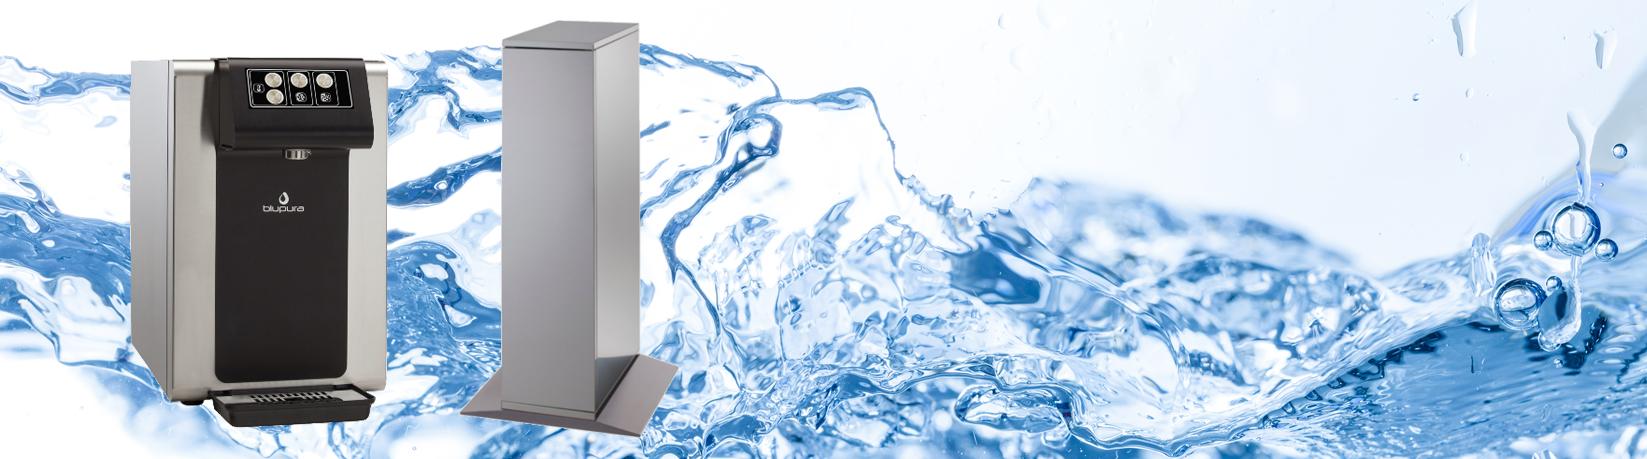 dispensadores agua blupura - slider3